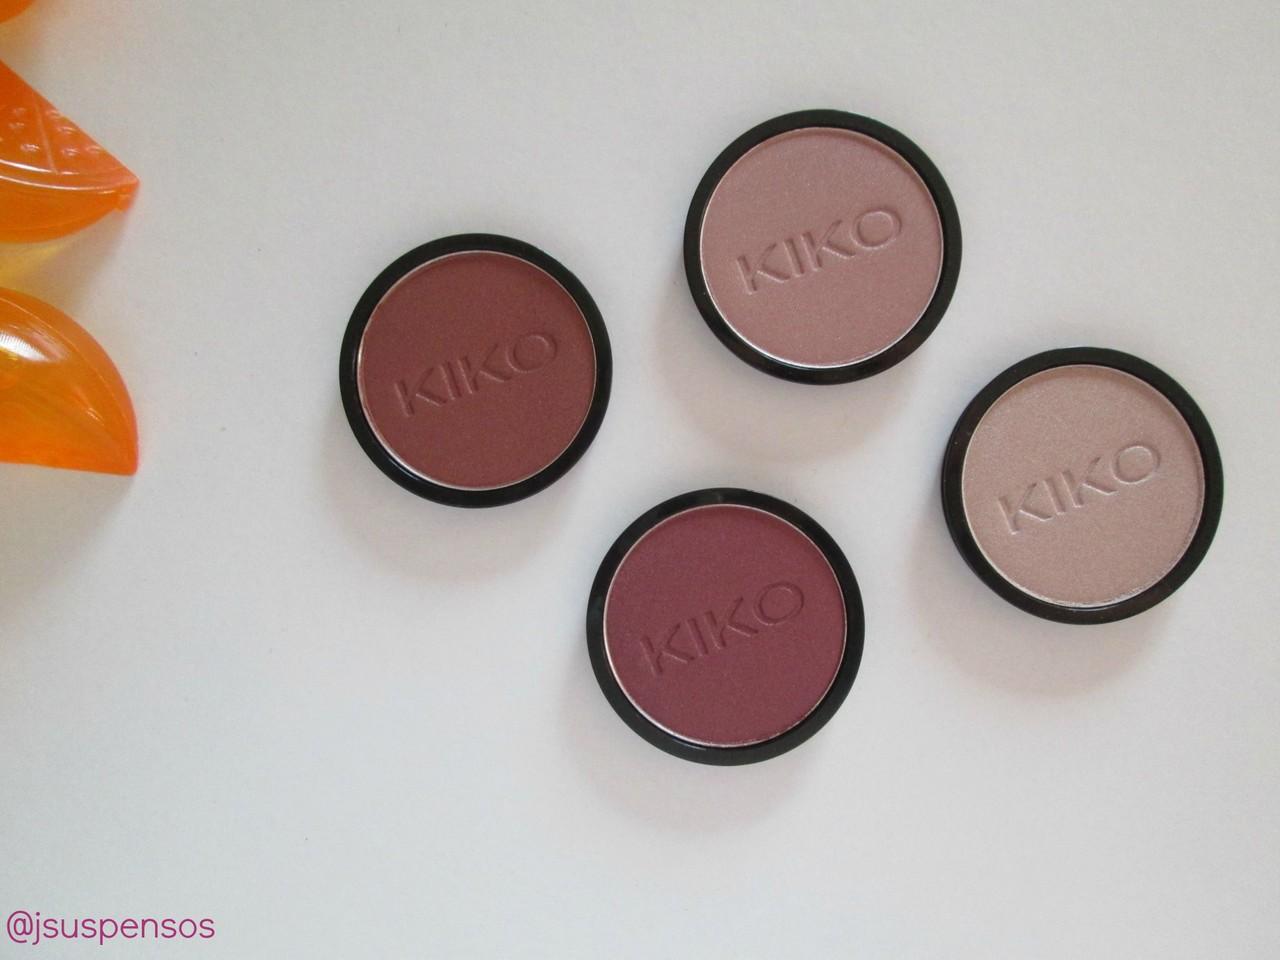 kiko-clicks-5-jardins-suspensos.jpg